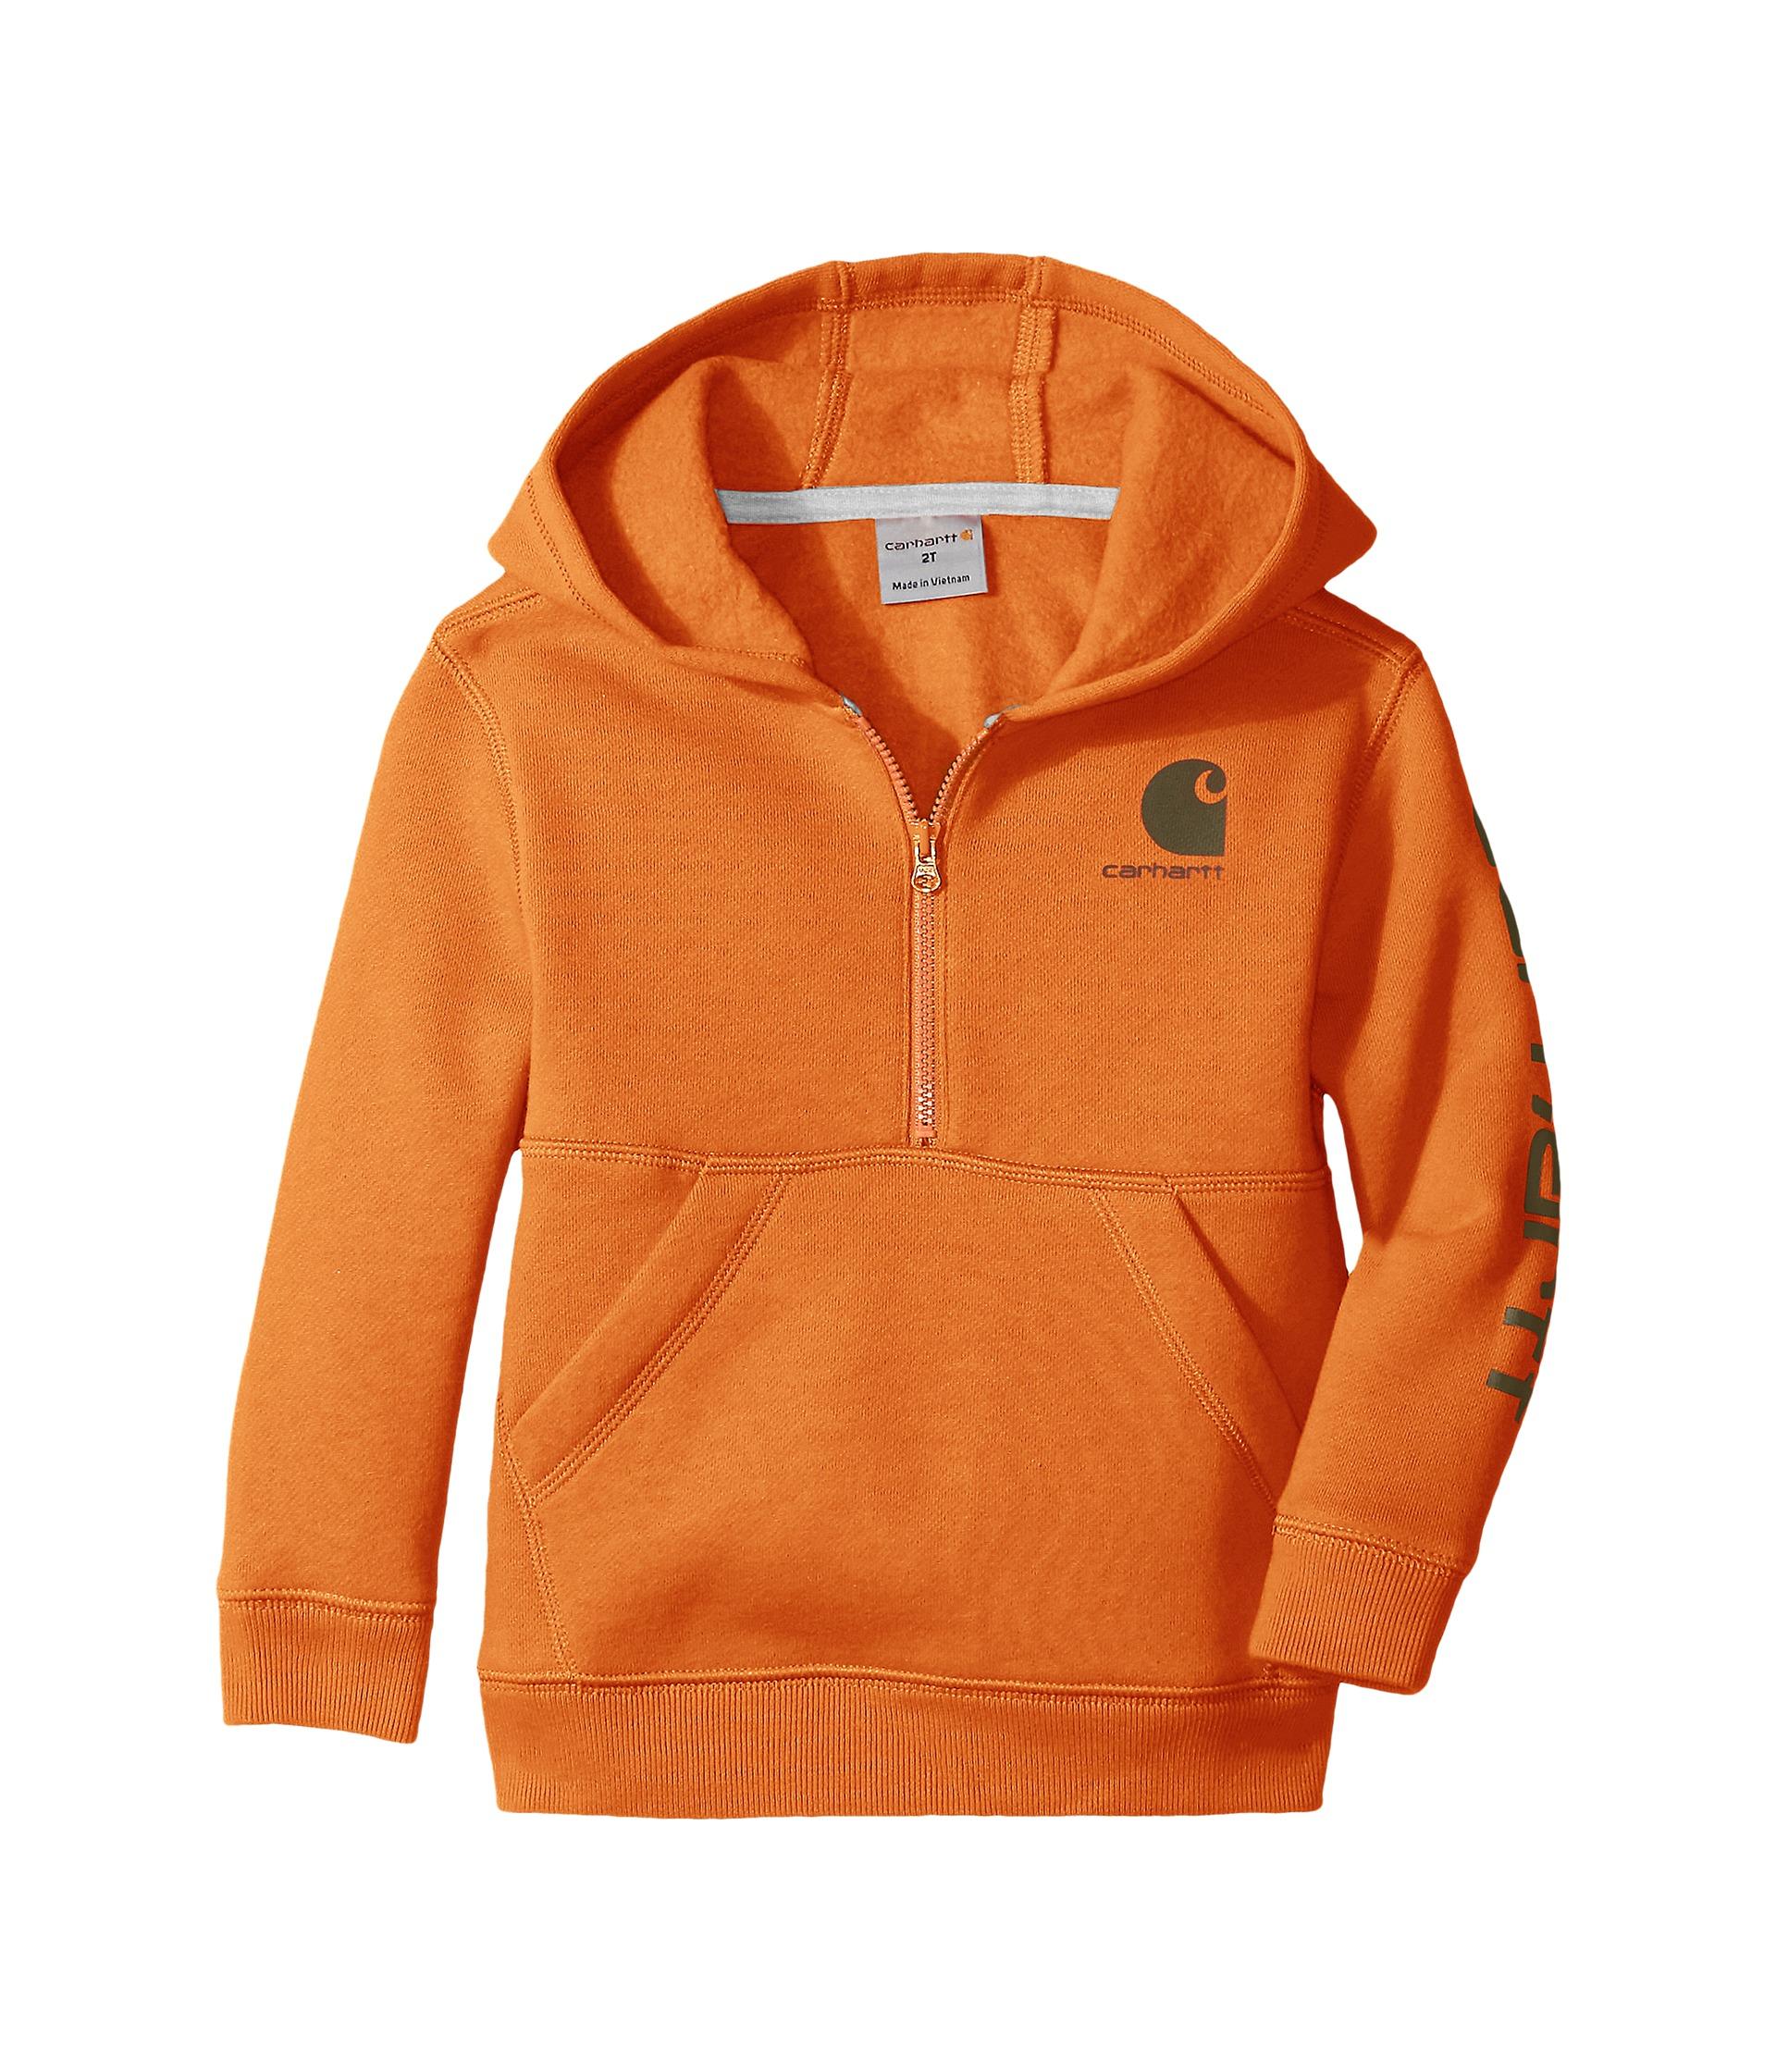 Carhartt Kids Logo Fleece 1 2 Zip Sweatshirt Infant